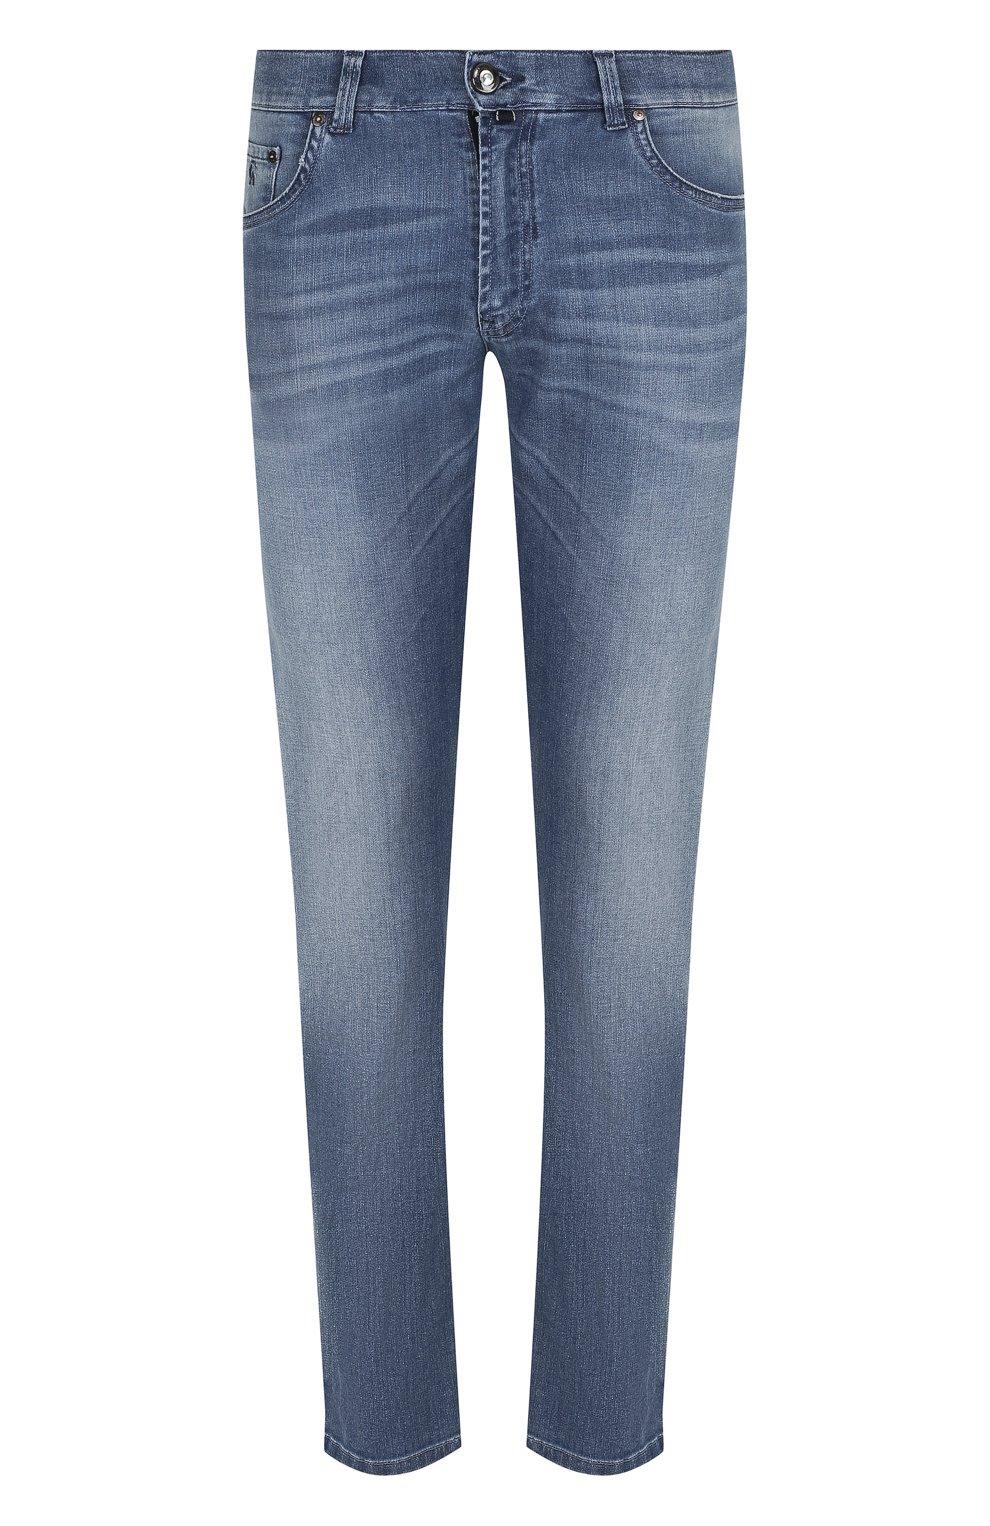 Мужские джинсы прямого кроя с потертостями ANDREA CAMPAGNA синего цвета, арт. ACCR253333 | Фото 1